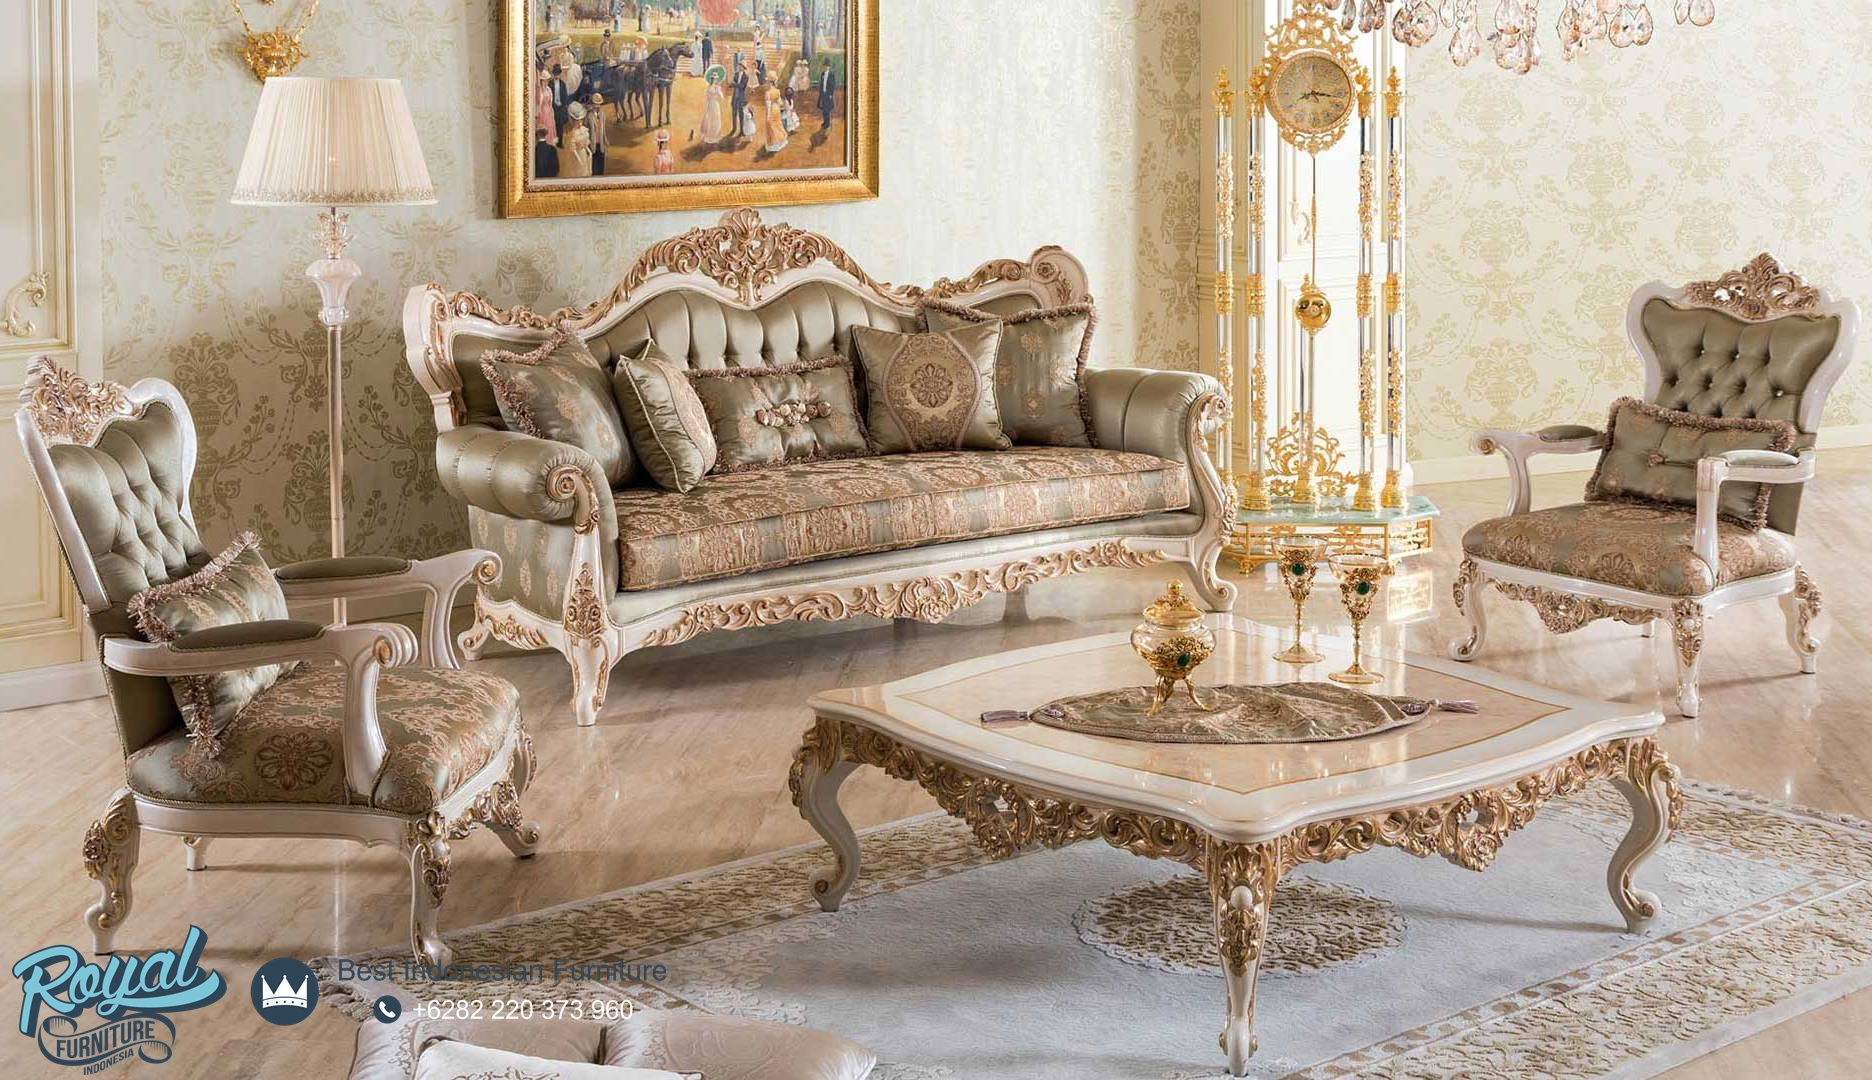 Sofa Tamu Jepara Mewah Modern Terbaru Ukiran Vittoria, kursi tamu mewah modern, kursi tamu mewah elegan, kursi tamu mewah jati terbaru, sofa tamu mewah terbaru, desain sofa ruang tamu mewah modern, sofa mewah murah, sofa mewah minimalis, sofa mewah kulit asli, model sofa mewah terbaru, model sofa mewah elegan, sofa tamu ukir jepara, sofa tamu jepara terbaru mewah, sofa tamu jepara terbaru, sofa tamu jepara minimalis, sofa tamu jepara warna putih duco, sofa ruang tamu jepara, sofa tamu jati jepara, kursi sofa tamu jepara, sofa tamu ukiran jepara, harga sofa tamu jepara murah, sofa jepara, harga sofa tamu jepara, sofa mewah, sofa kayu jati ukir, kursi tamu jepara terbaru, furniture mewah, furniture kayu jati, furniture kayu, mebel minimalis, jati jepara,jepara furniture, mebel jati jepara, ukir jepara, mebel jepara, royal furniture jepara